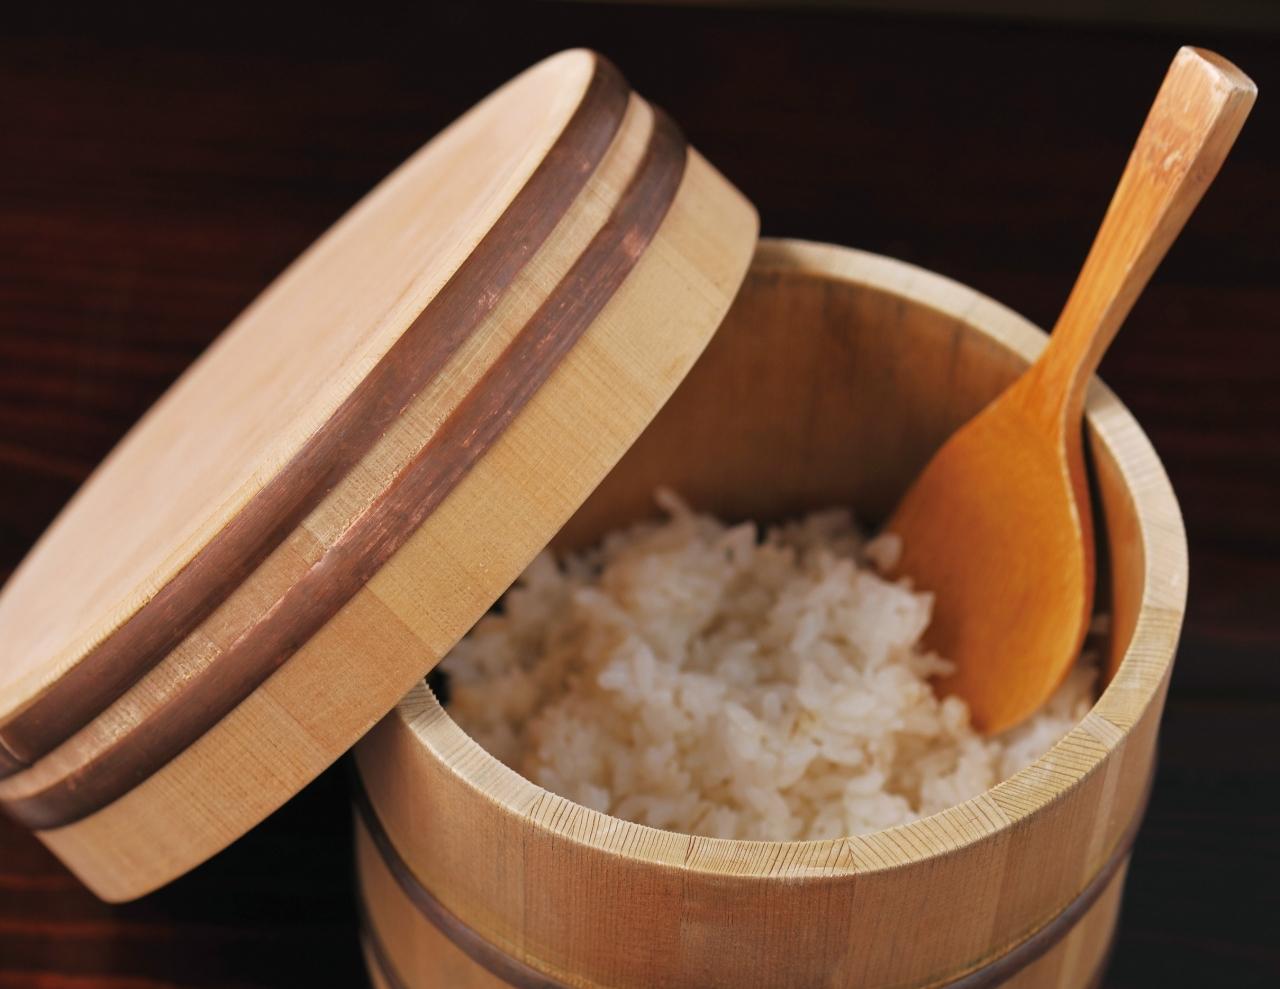 白い米を混ぜた家臣を叱る!「麦ごはん」に異様なこだわりを見せた徳川家康